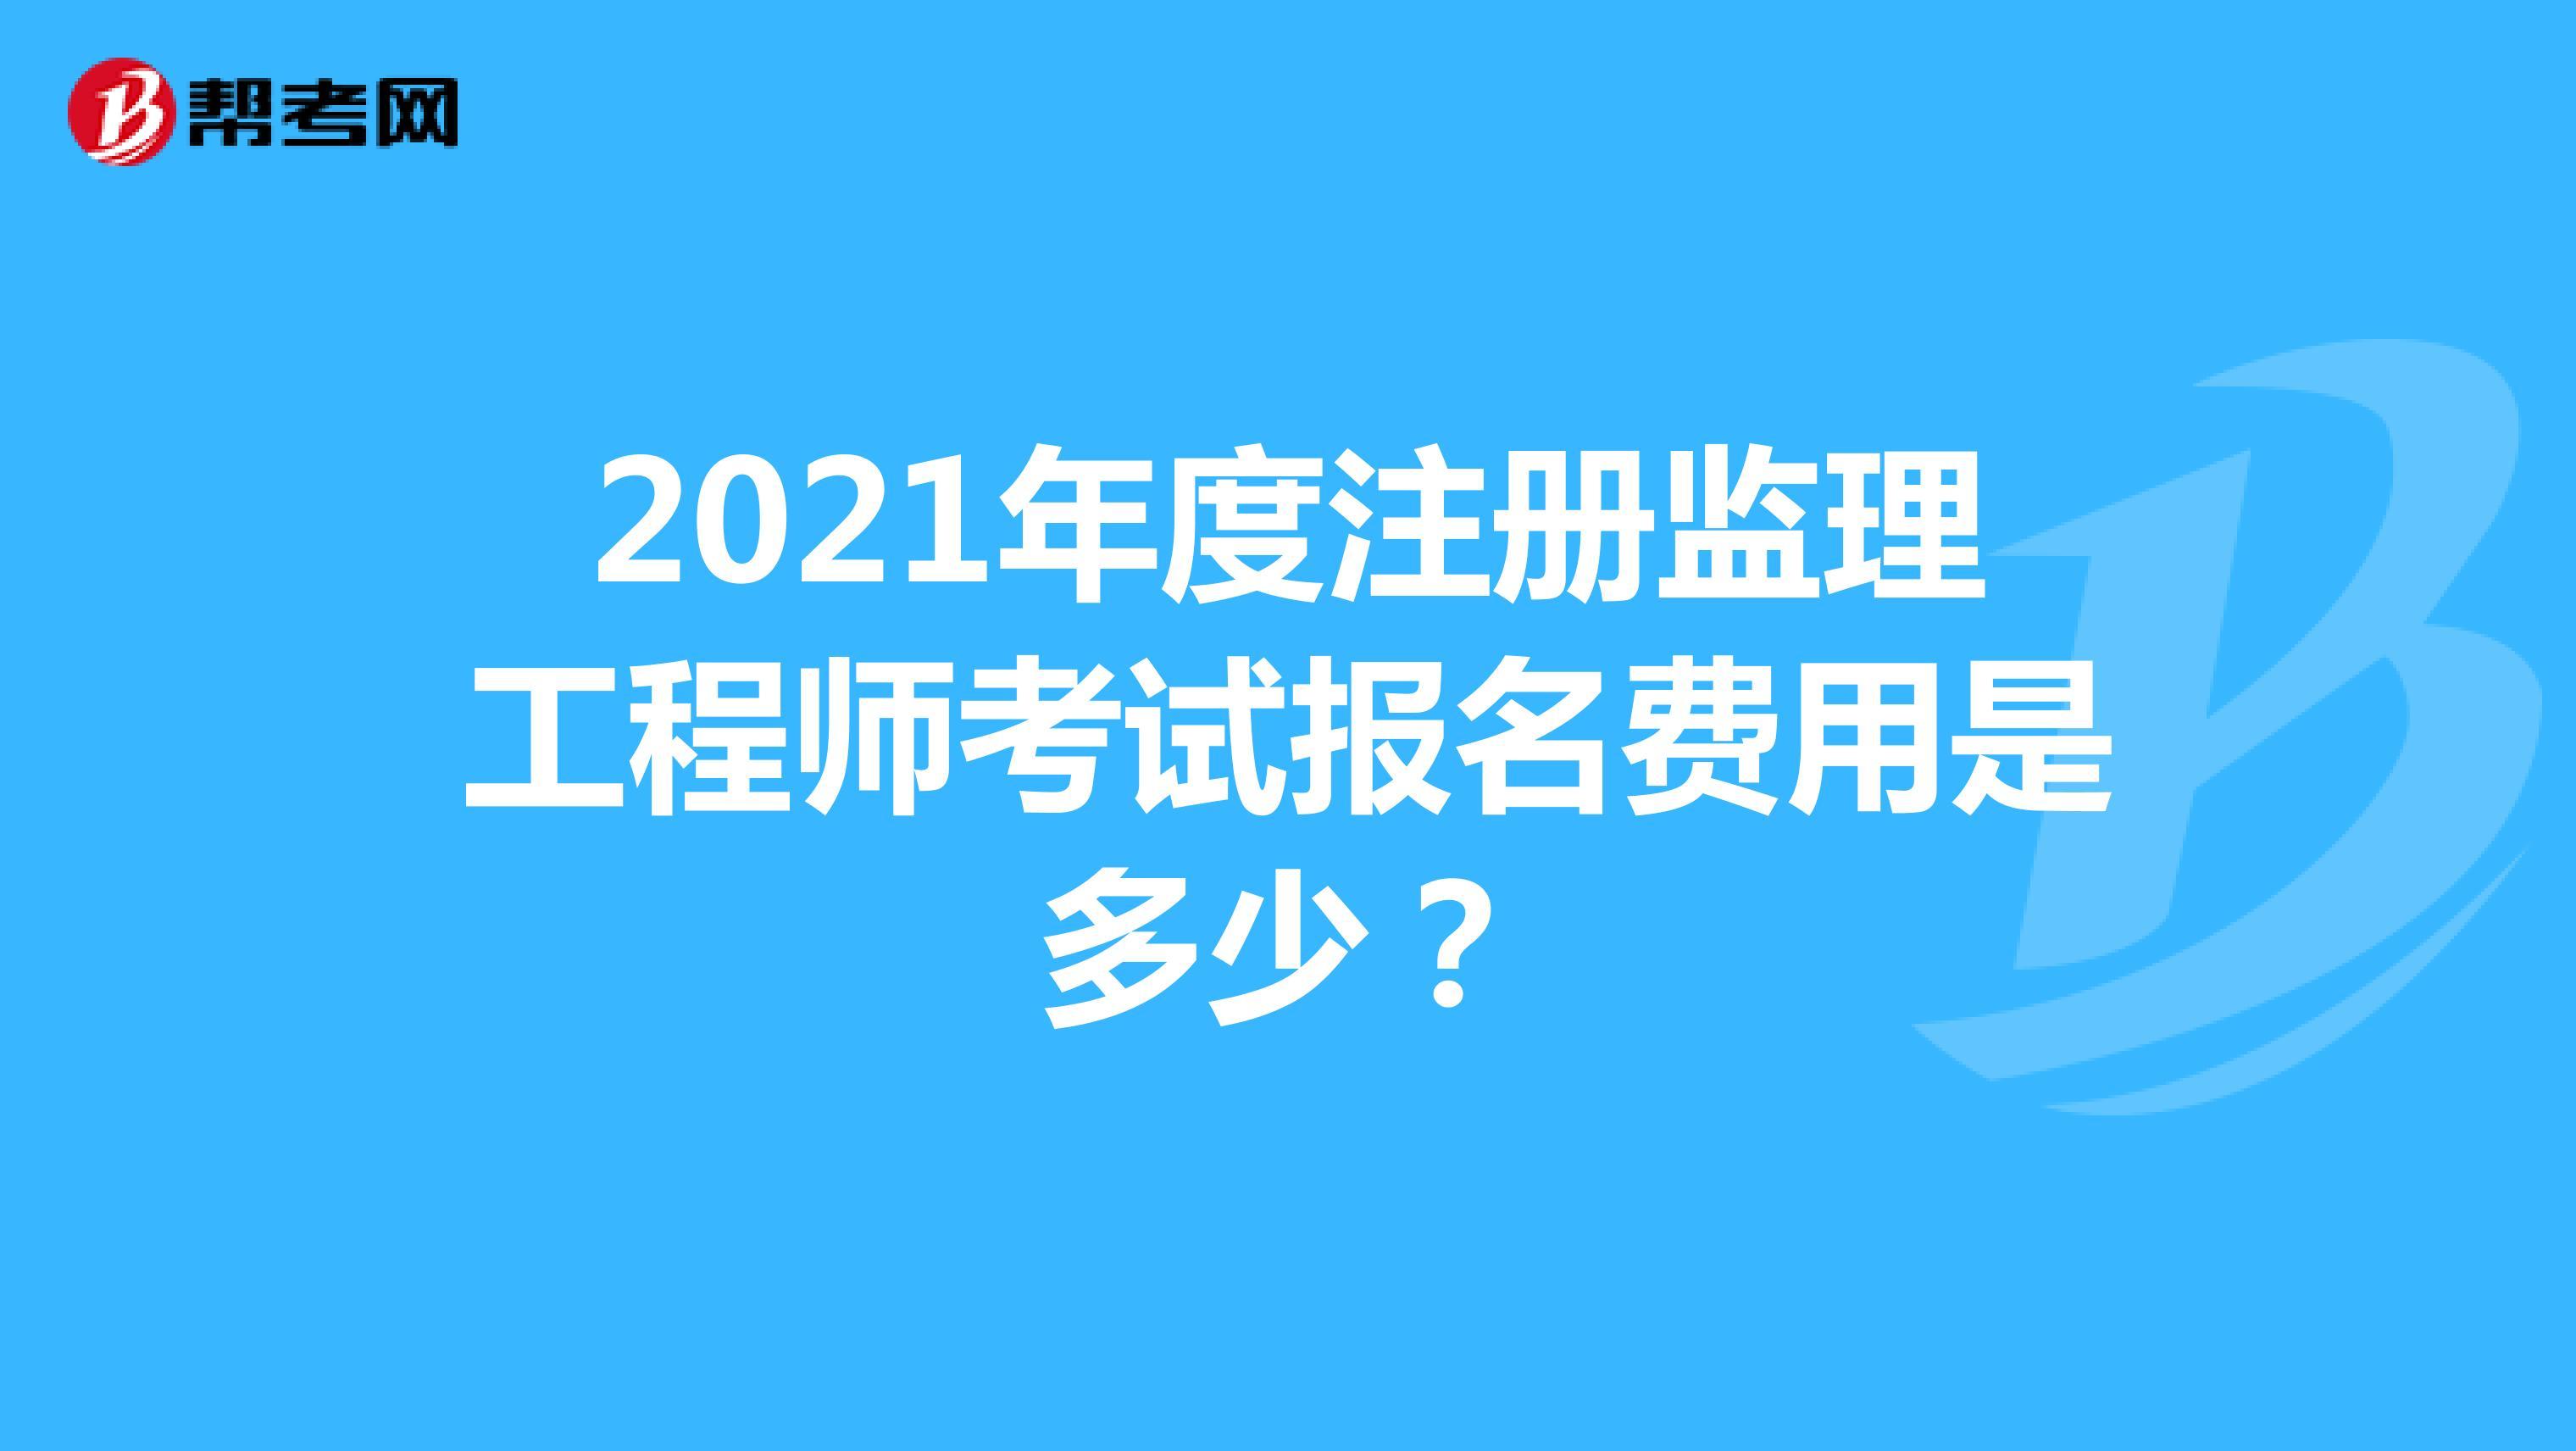 2021年度注冊監理工程師考試報名費用是多少?